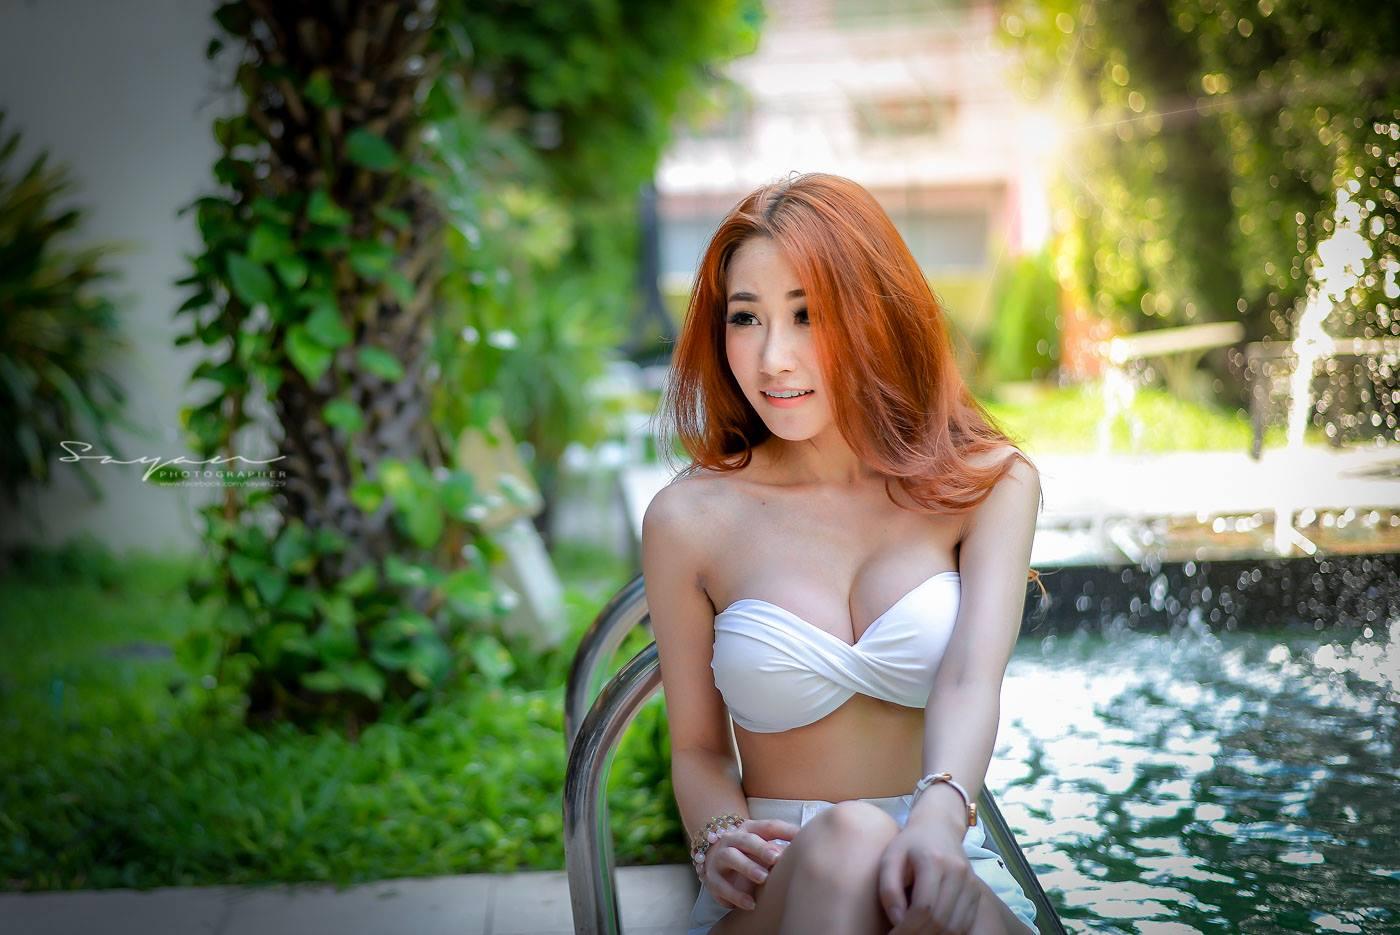 Chotip Kungnang Jandahan Sexy Picture and Photo